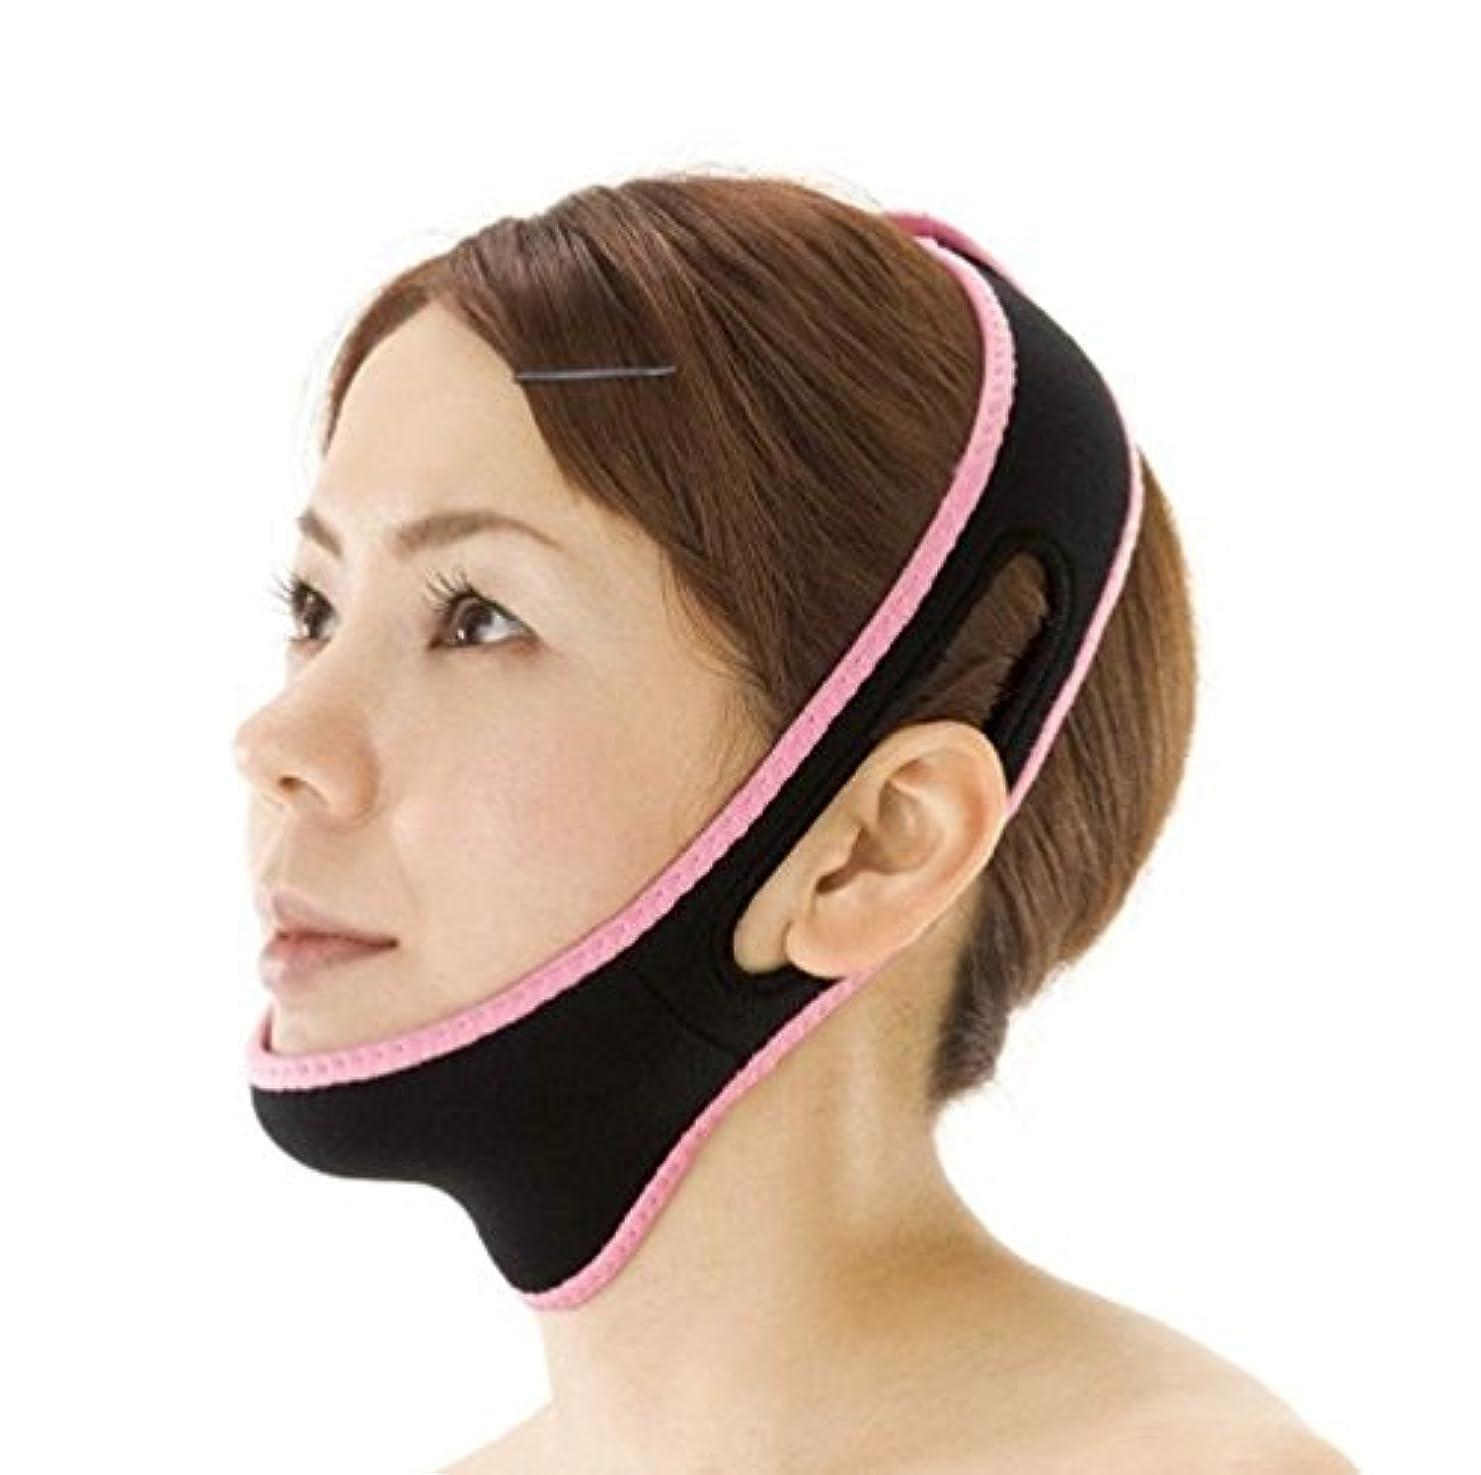 接地失礼な吸い込む小顔リフトアップベルト 寝ながら小顔 小顔矯正 ゲルマニウム 男女兼用ベルト いびき対策